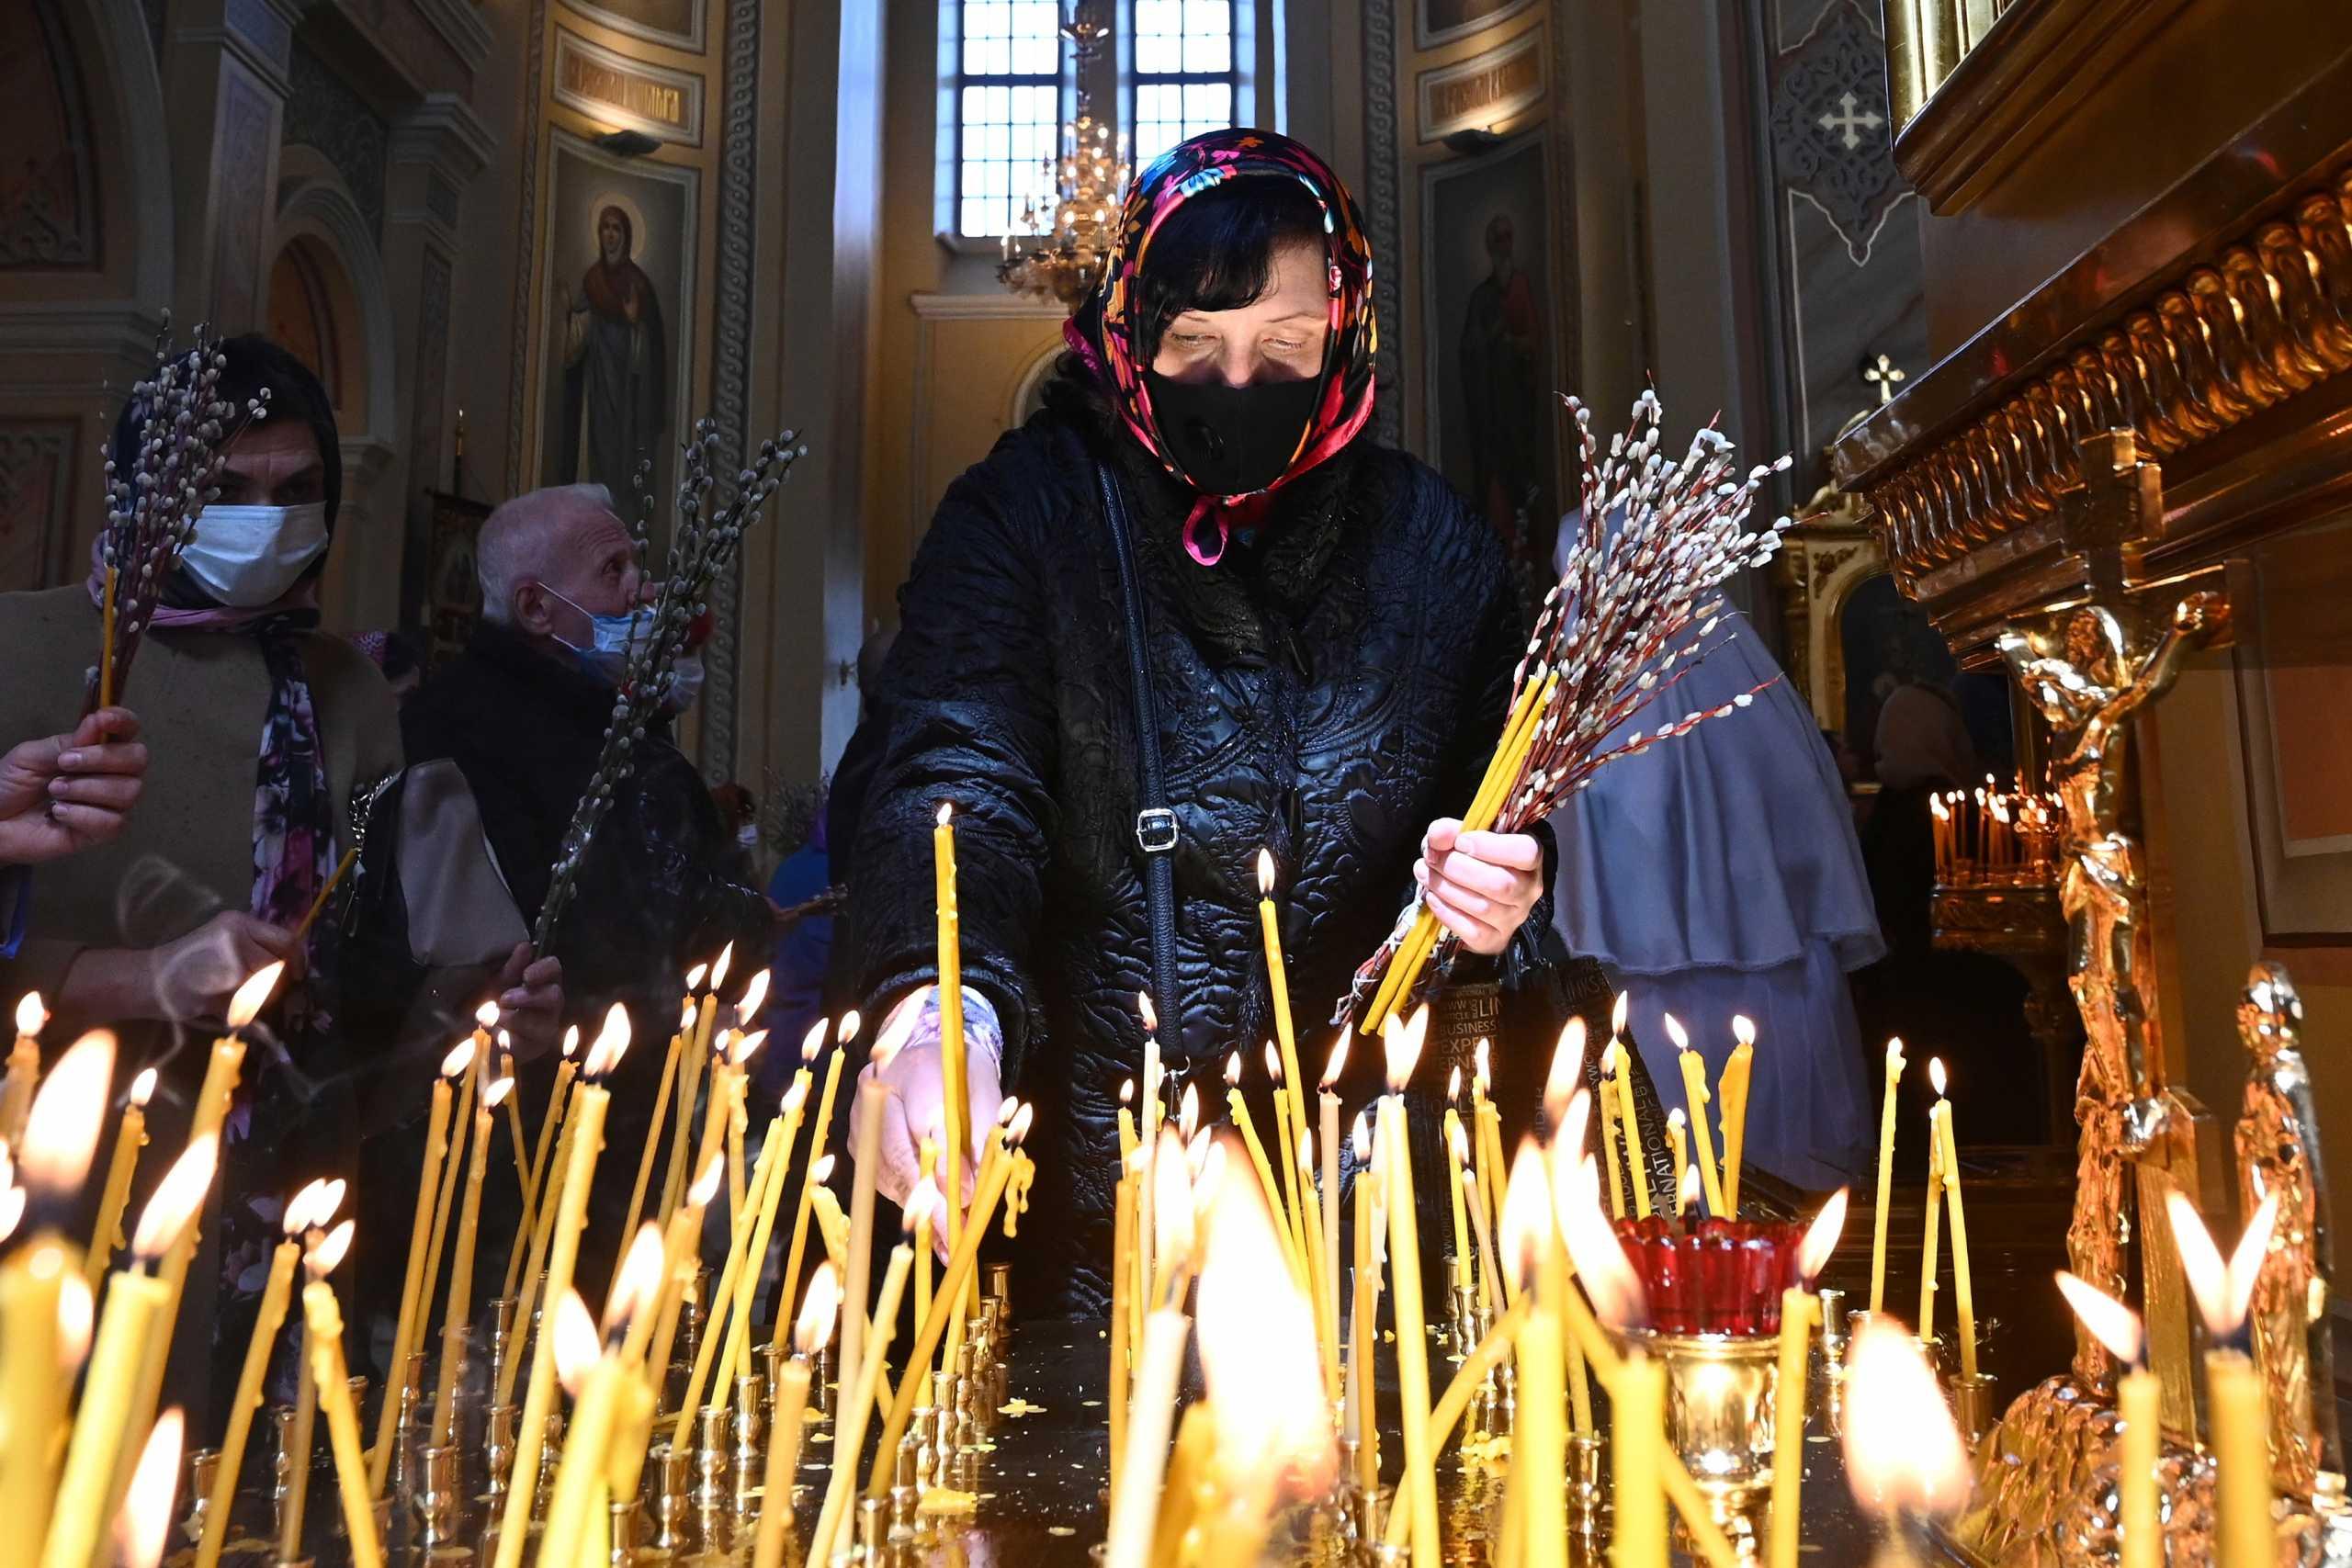 Κορονοϊός – Ρωσία: Τα στατιστικά στοιχεία αποκαλύπτουν τον πραγματικό αριθμό των θυμάτων